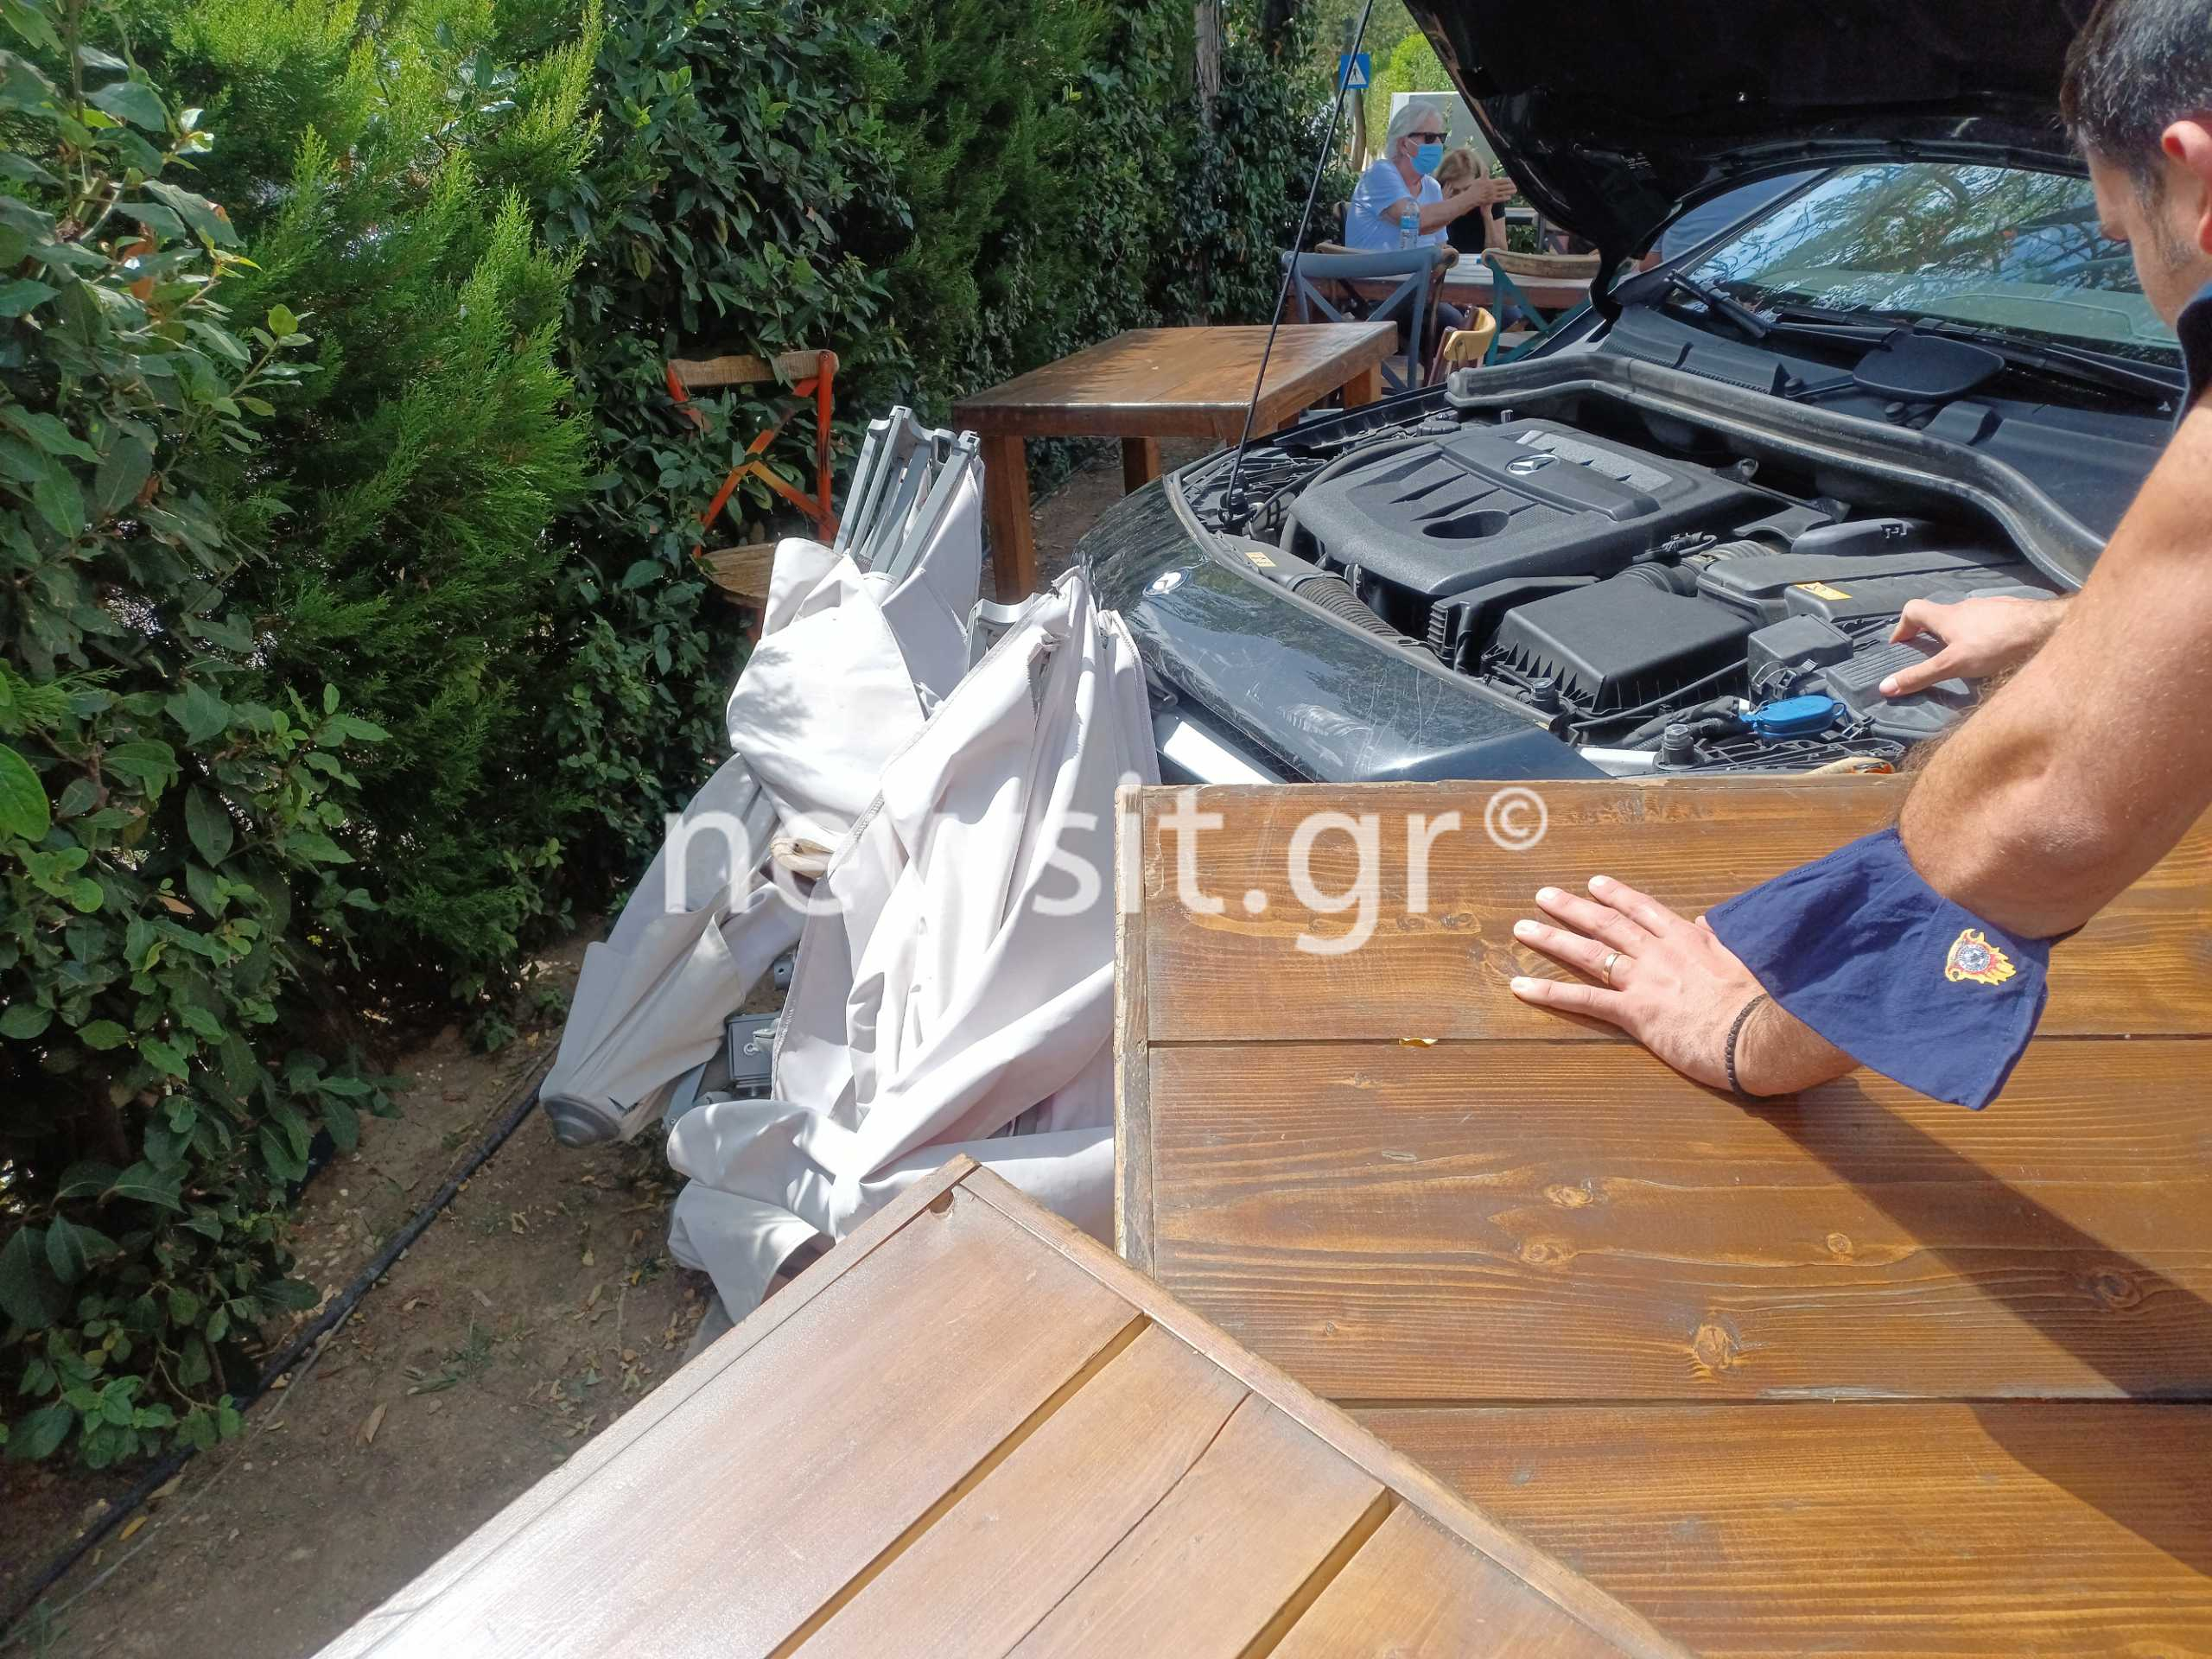 Άνοιξη-Πριν Λίγο: Αυτοκίνητο «μπούκαρε» σε καφετέρια και πήρε σβάρνα τα τραπέζια!